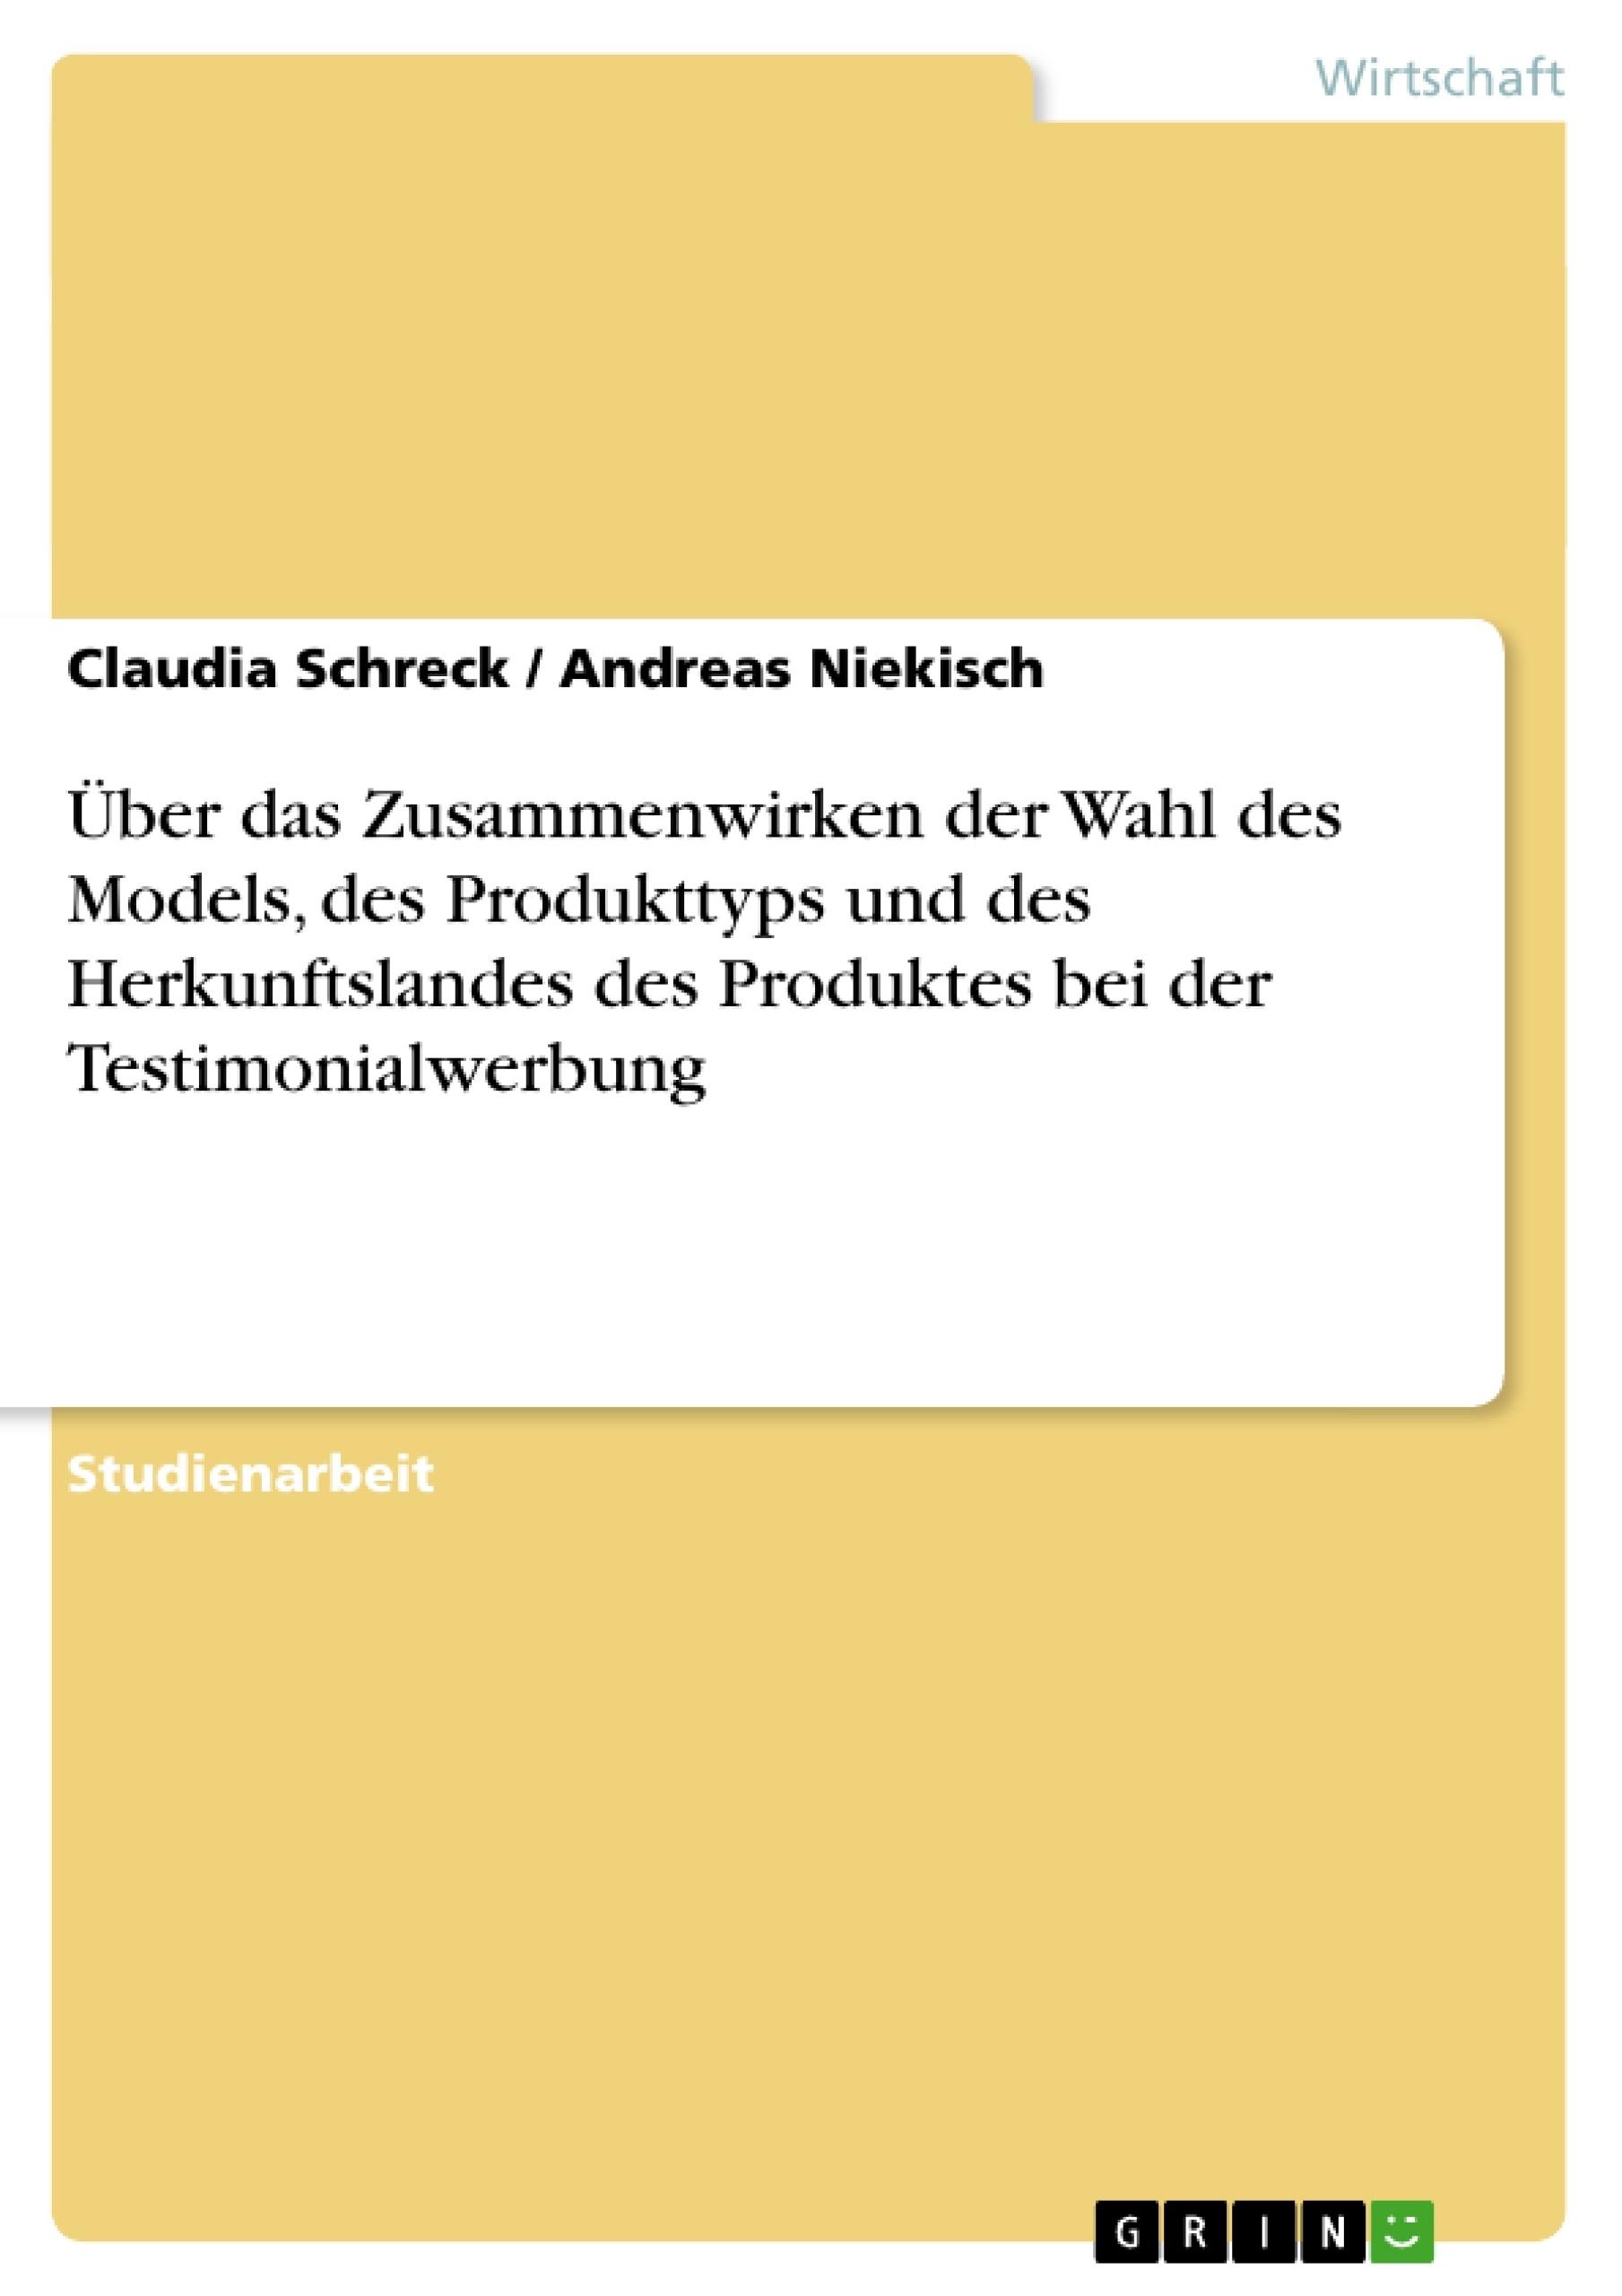 Titel: Über das Zusammenwirken der Wahl des Models, des Produkttyps und des Herkunftslandes des Produktes bei der Testimonialwerbung